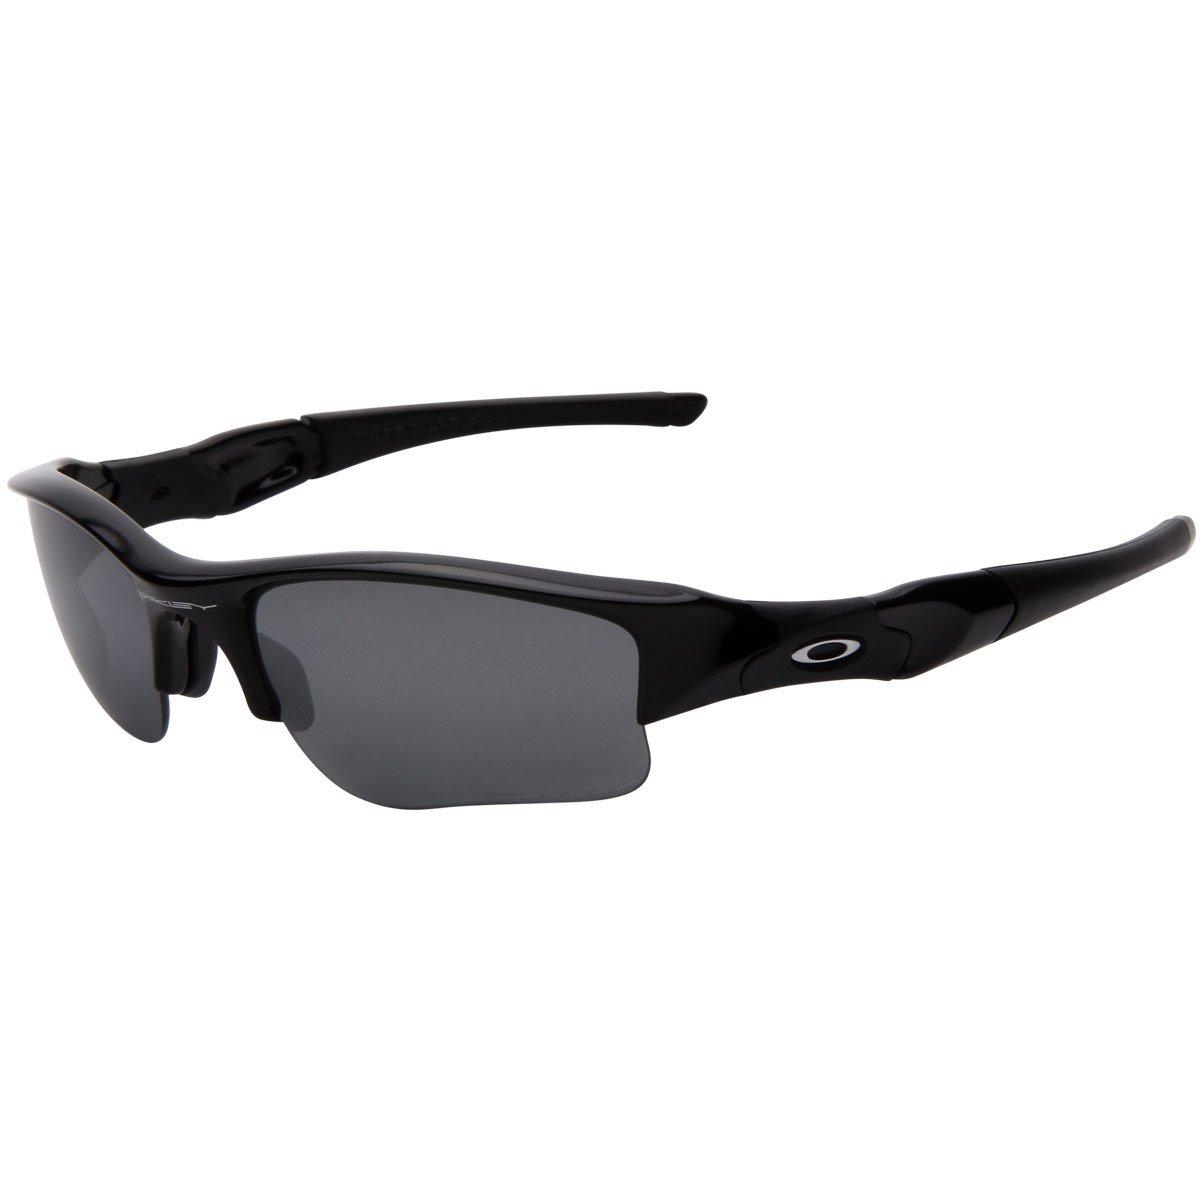 Óculos Oakley Flak Jacket XLJ - Polarizado - Compre Agora   Netshoes 5c10a2480b